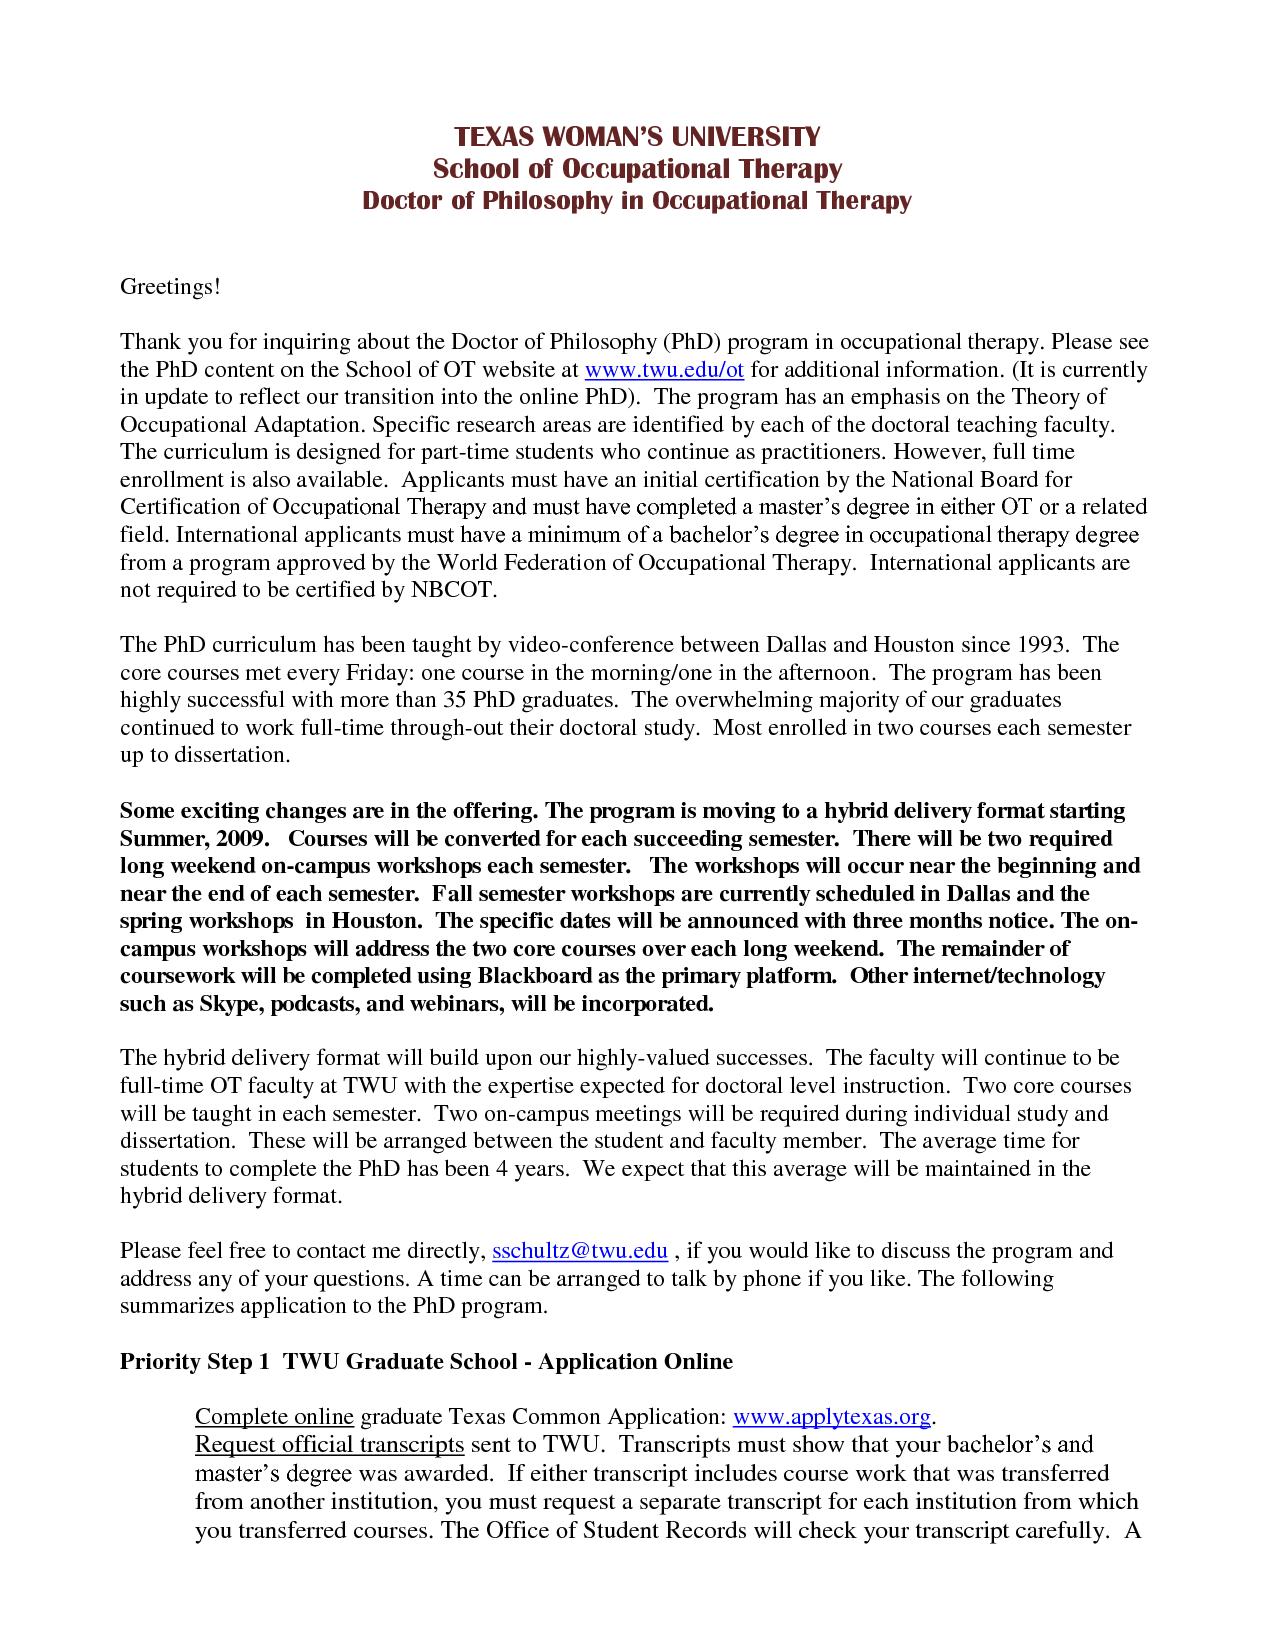 003 P2nuwjbgnb Essay Example Great Common App Magnificent Essays Best Harvard Examples Prompt 1 Full